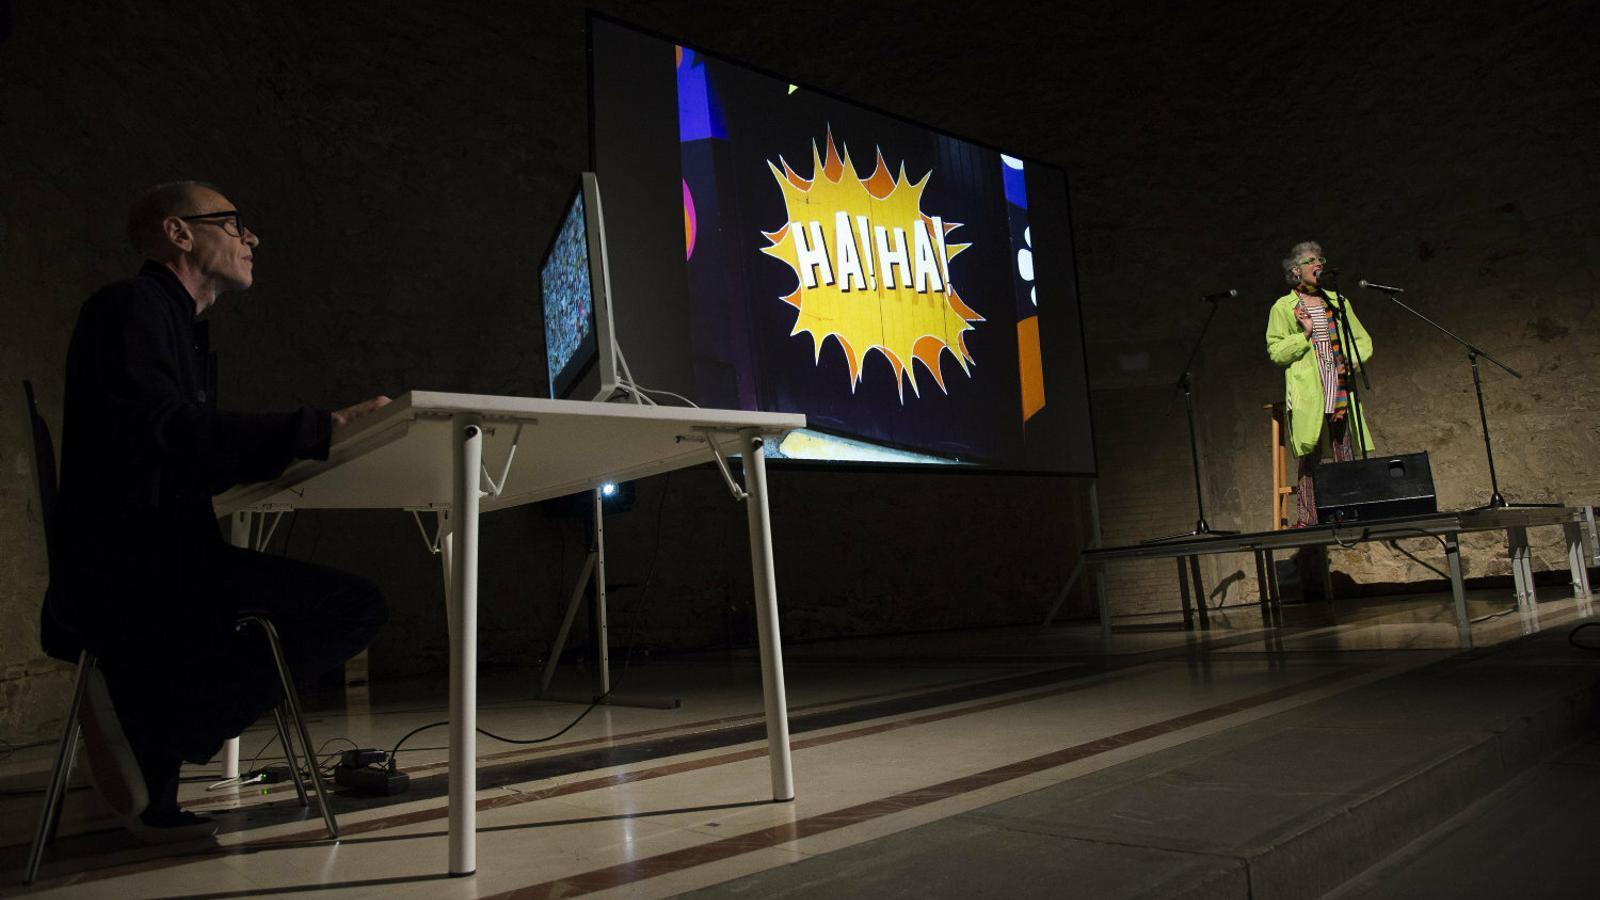 La Nit dels Museus dispara la febre artística a la ciutat